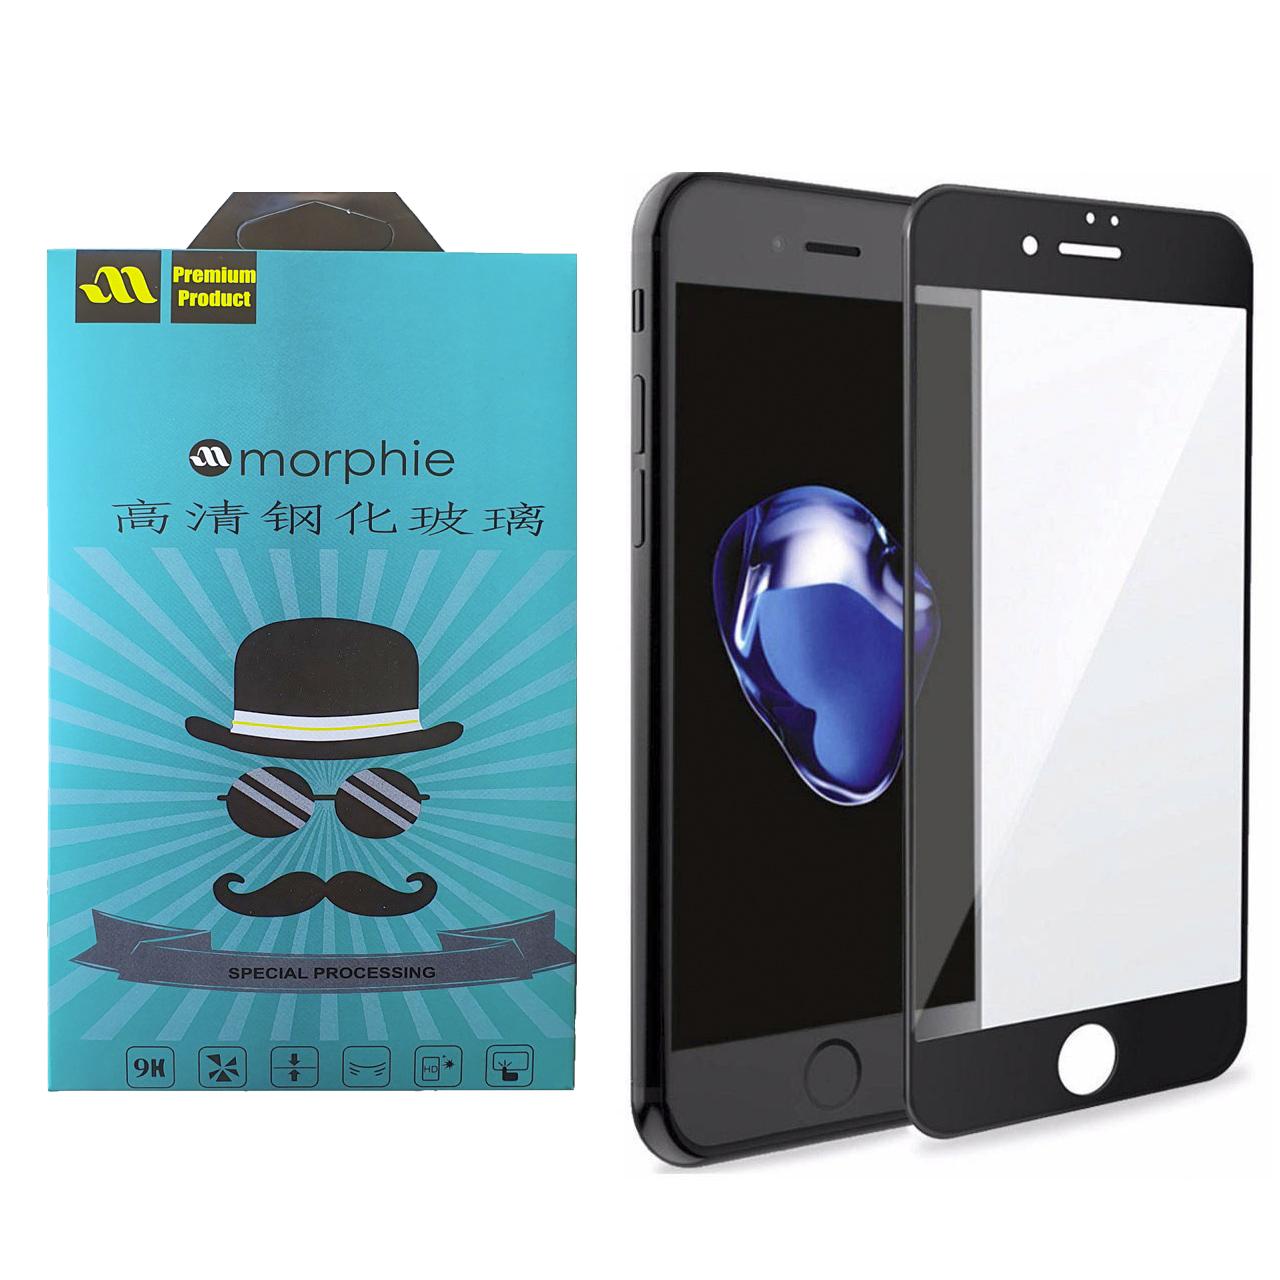 محافظ صفحه نمایش 6D مورفی مدل MR7 مناسب برای گوشی موبایل اپل Iphone 8